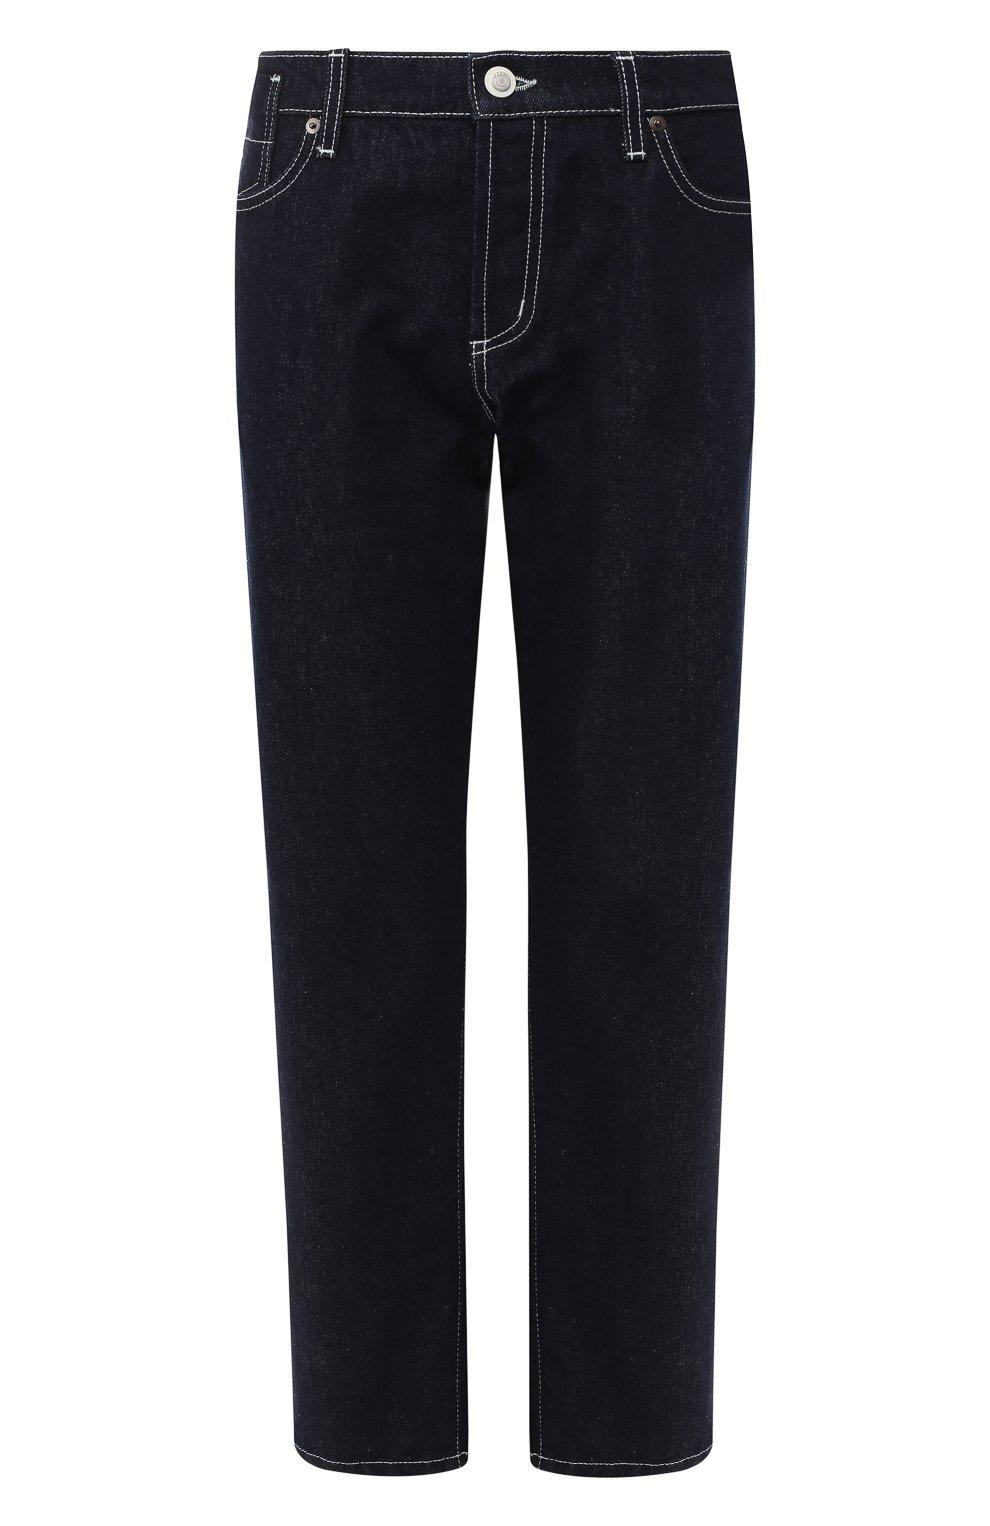 Укороченные джинсы Marni синие   Фото №1